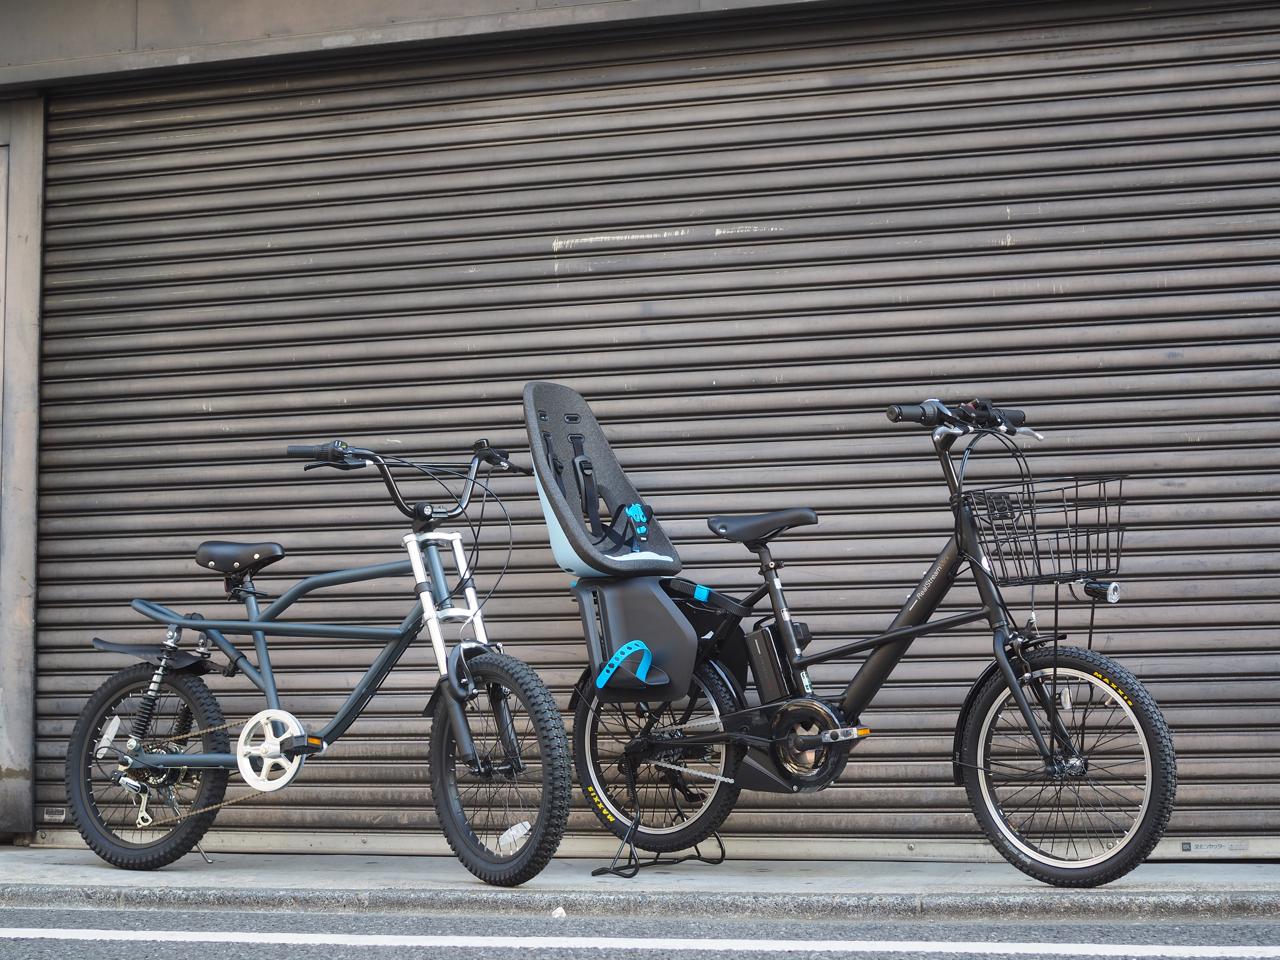 ブリヂストン,リアルストリームミニ,bridgestone,realstream,リアルストリーム,電動自転車,自転車カスタム,yepp,イェップ,フリーキーバイク